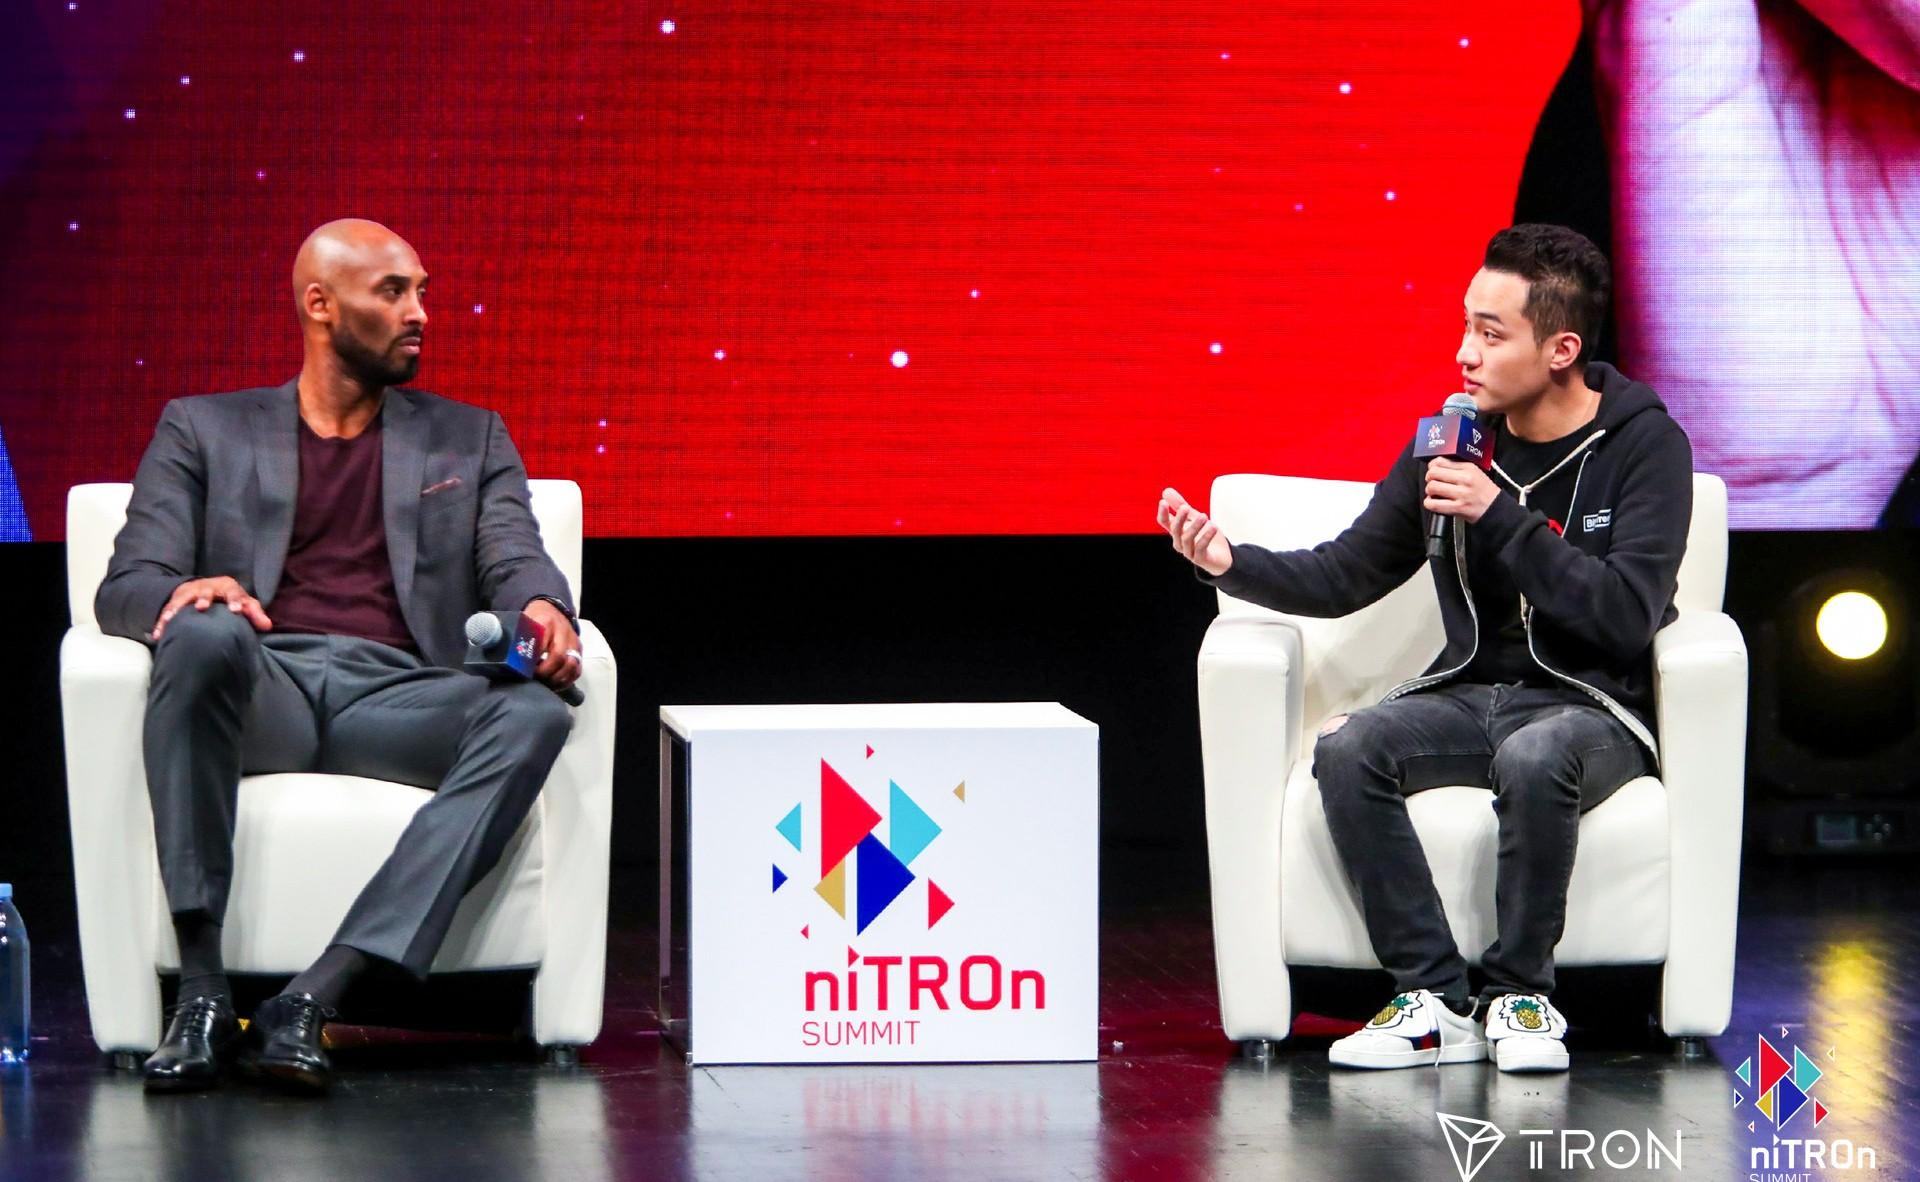 科比×孙宇晨:niTROn 2019 行业峰会圆满落幕